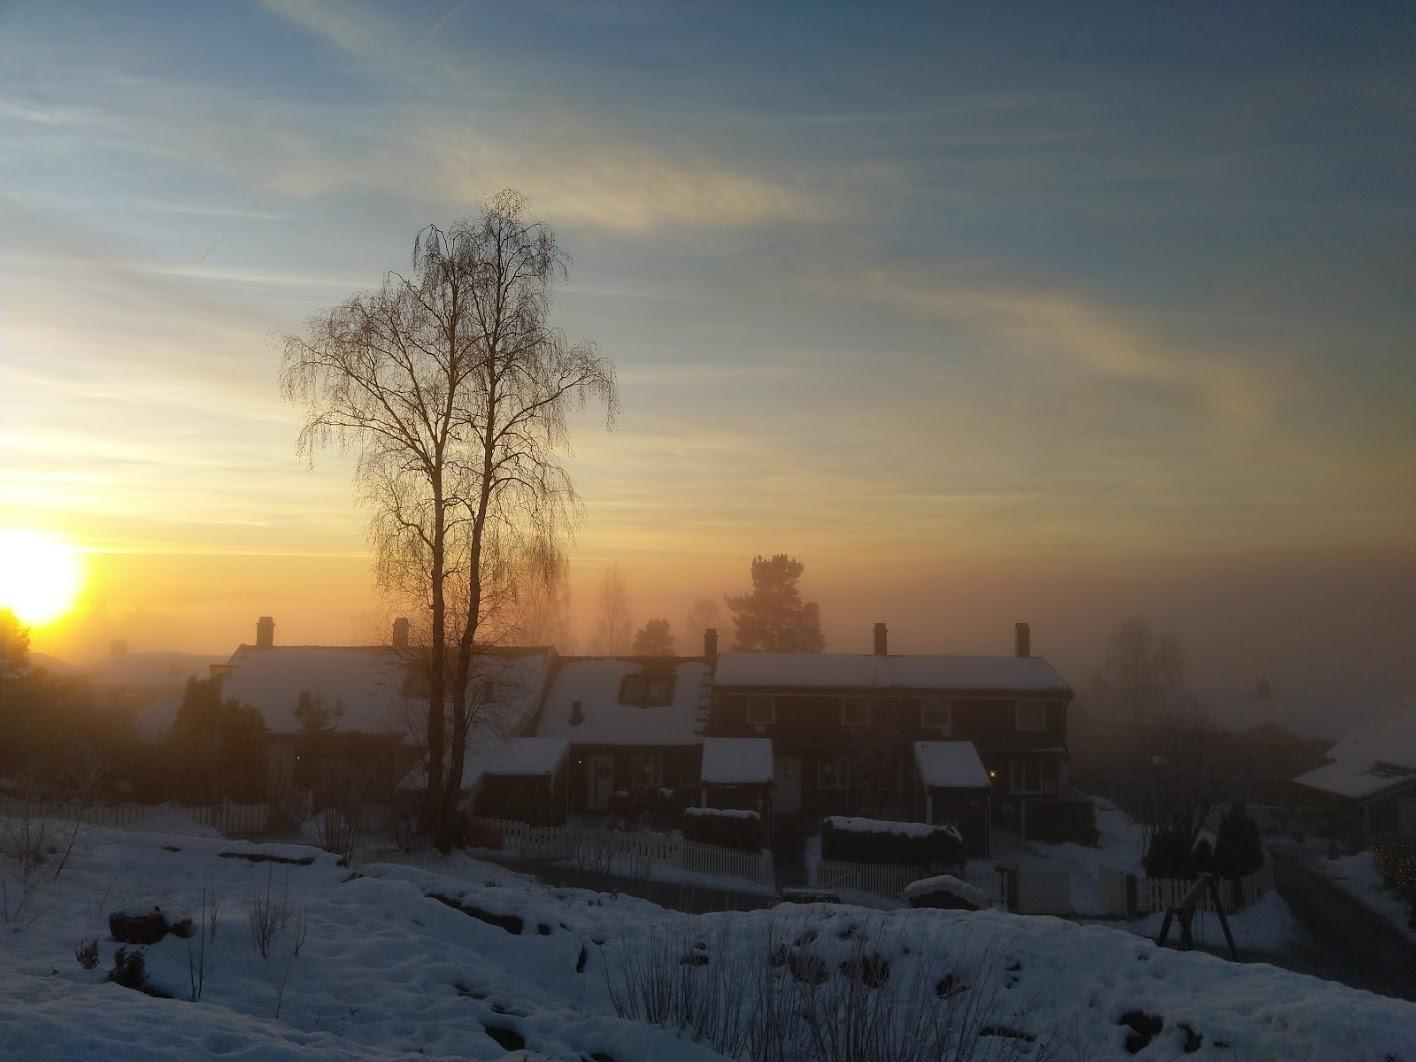 Utsyn fra Alverntoppen vinterstid i solnedgang.